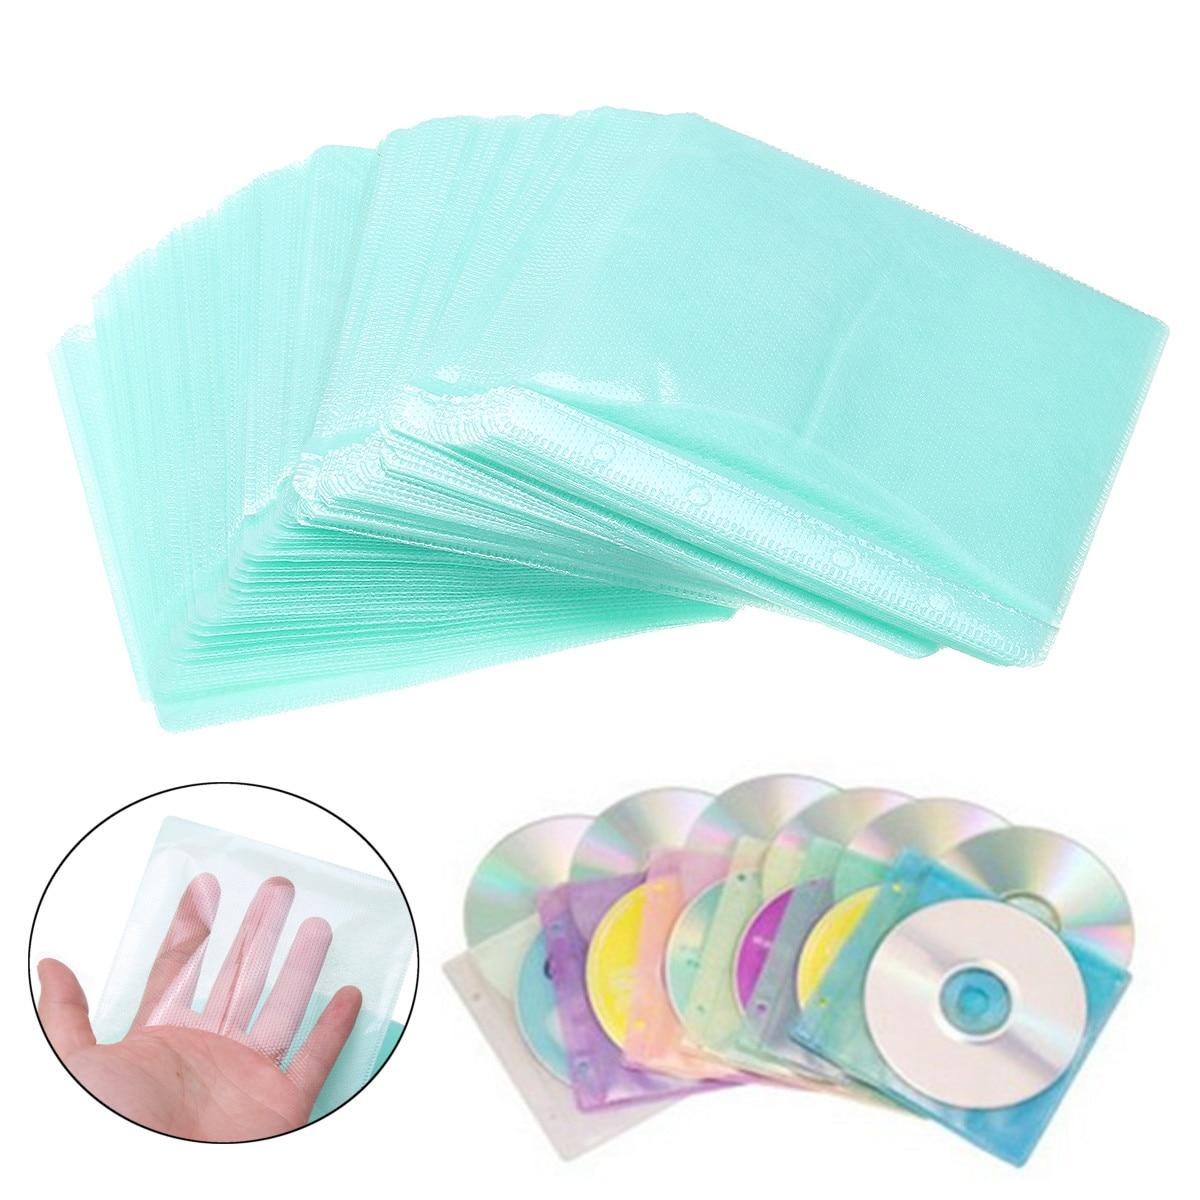 Estojo de armazenamento lateral dupla do disco, capa de cd dvd, saco de plástico, suporte da manga, 100 peças